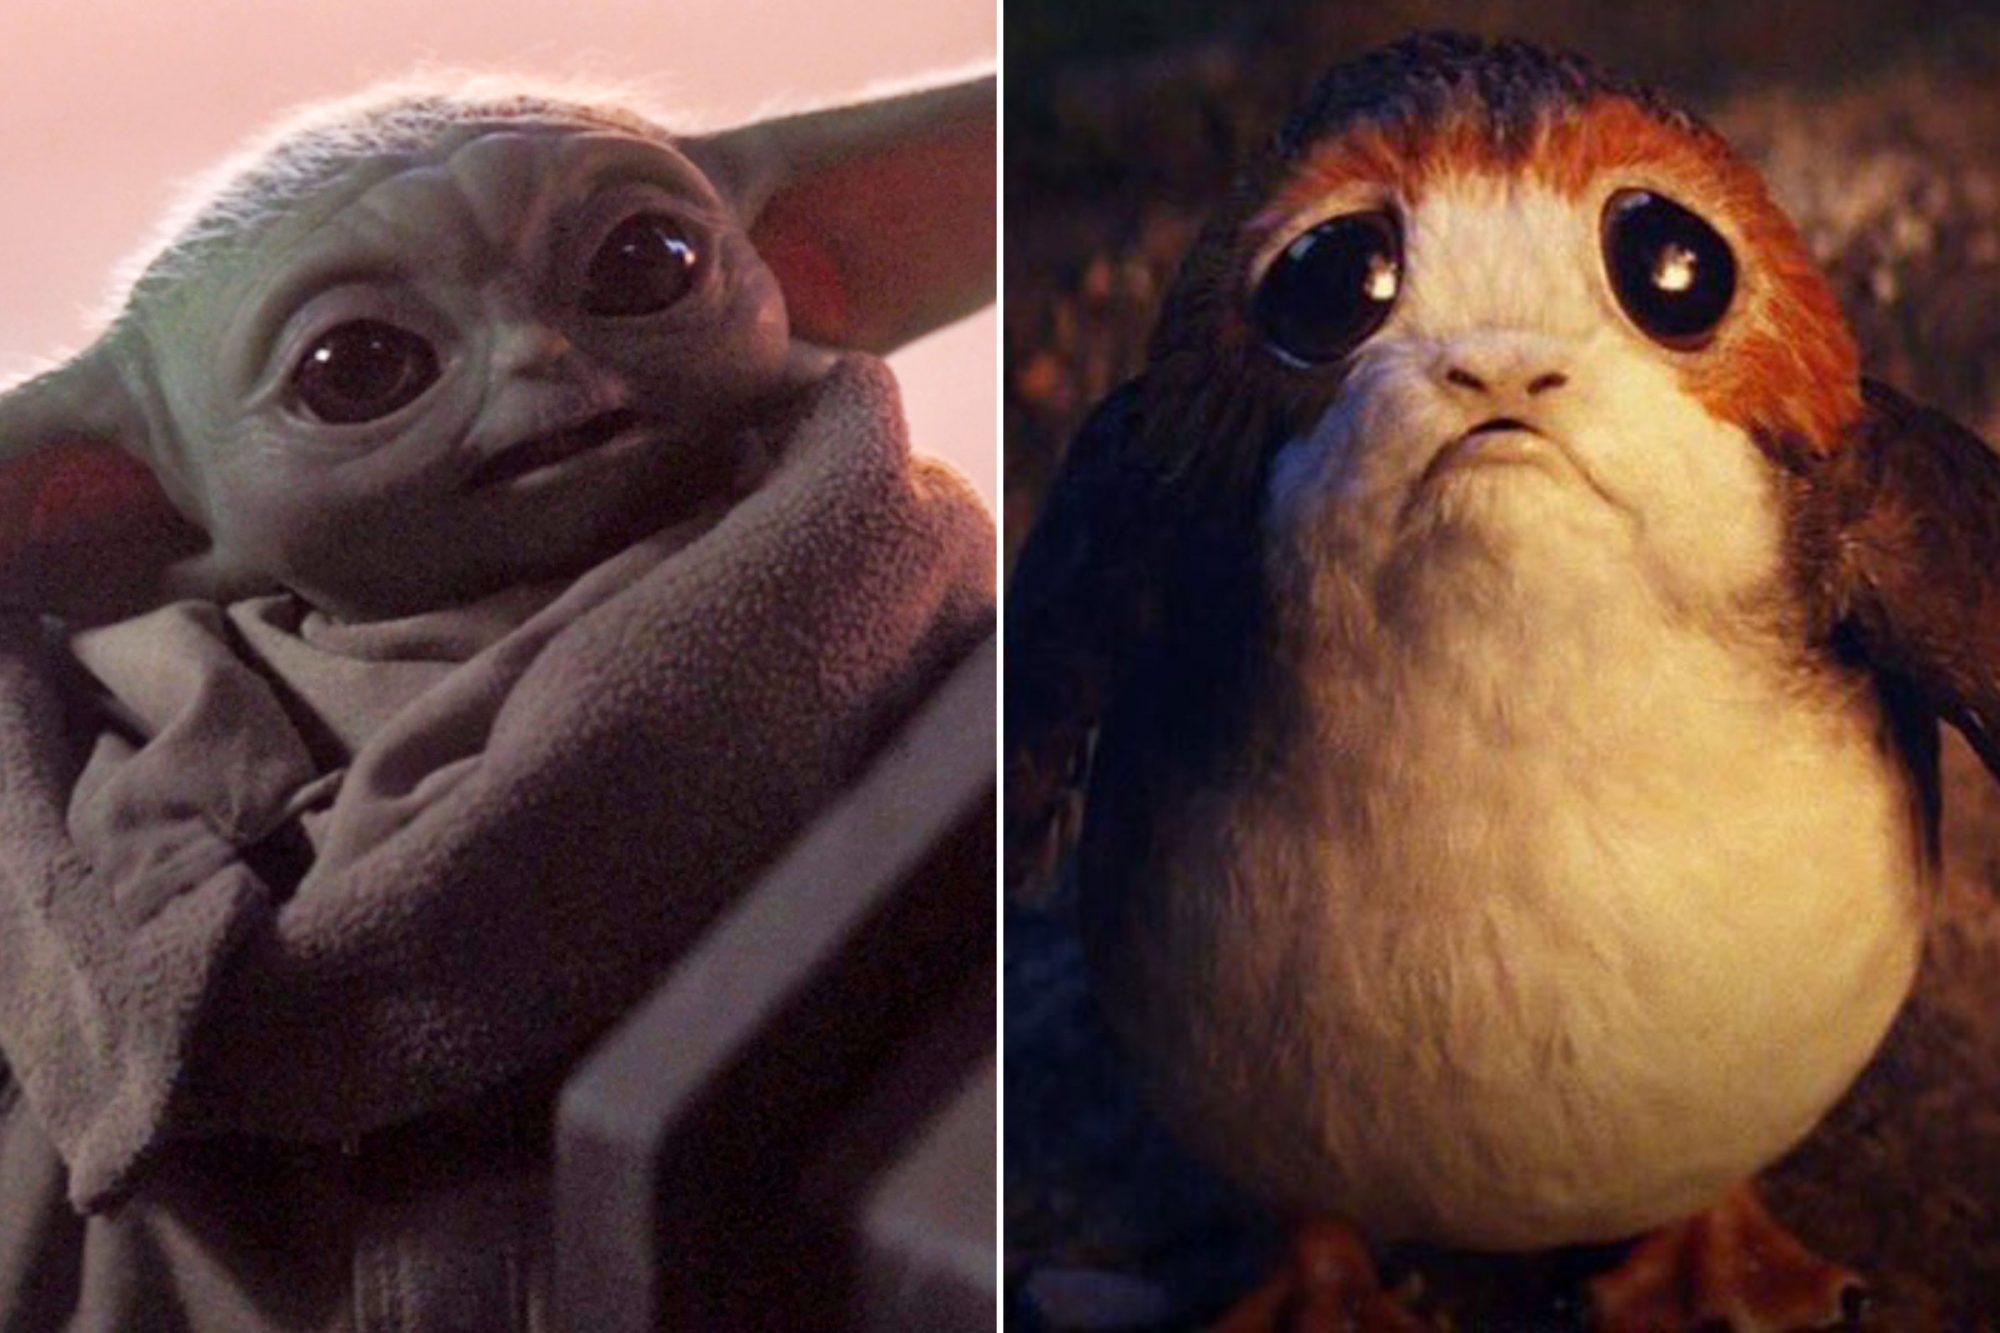 Baby Yoda vs. Porgs